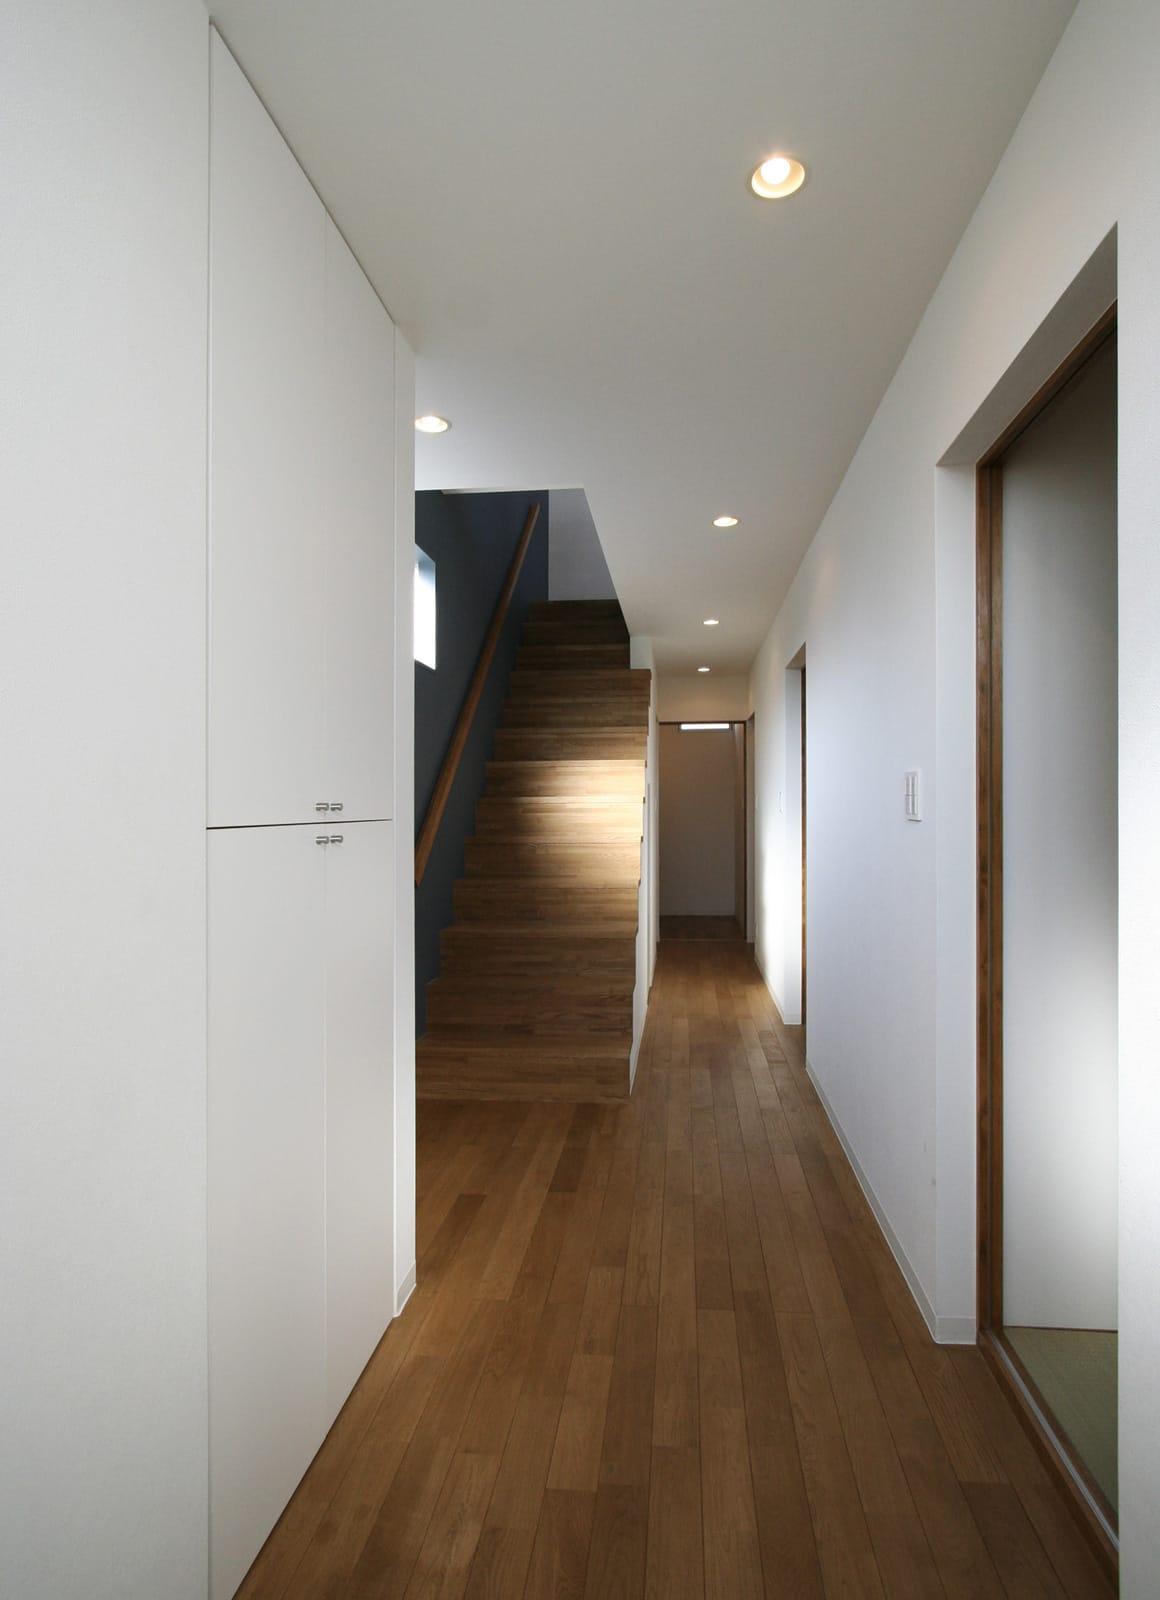 海と山を望む高台にある白い家の階段1